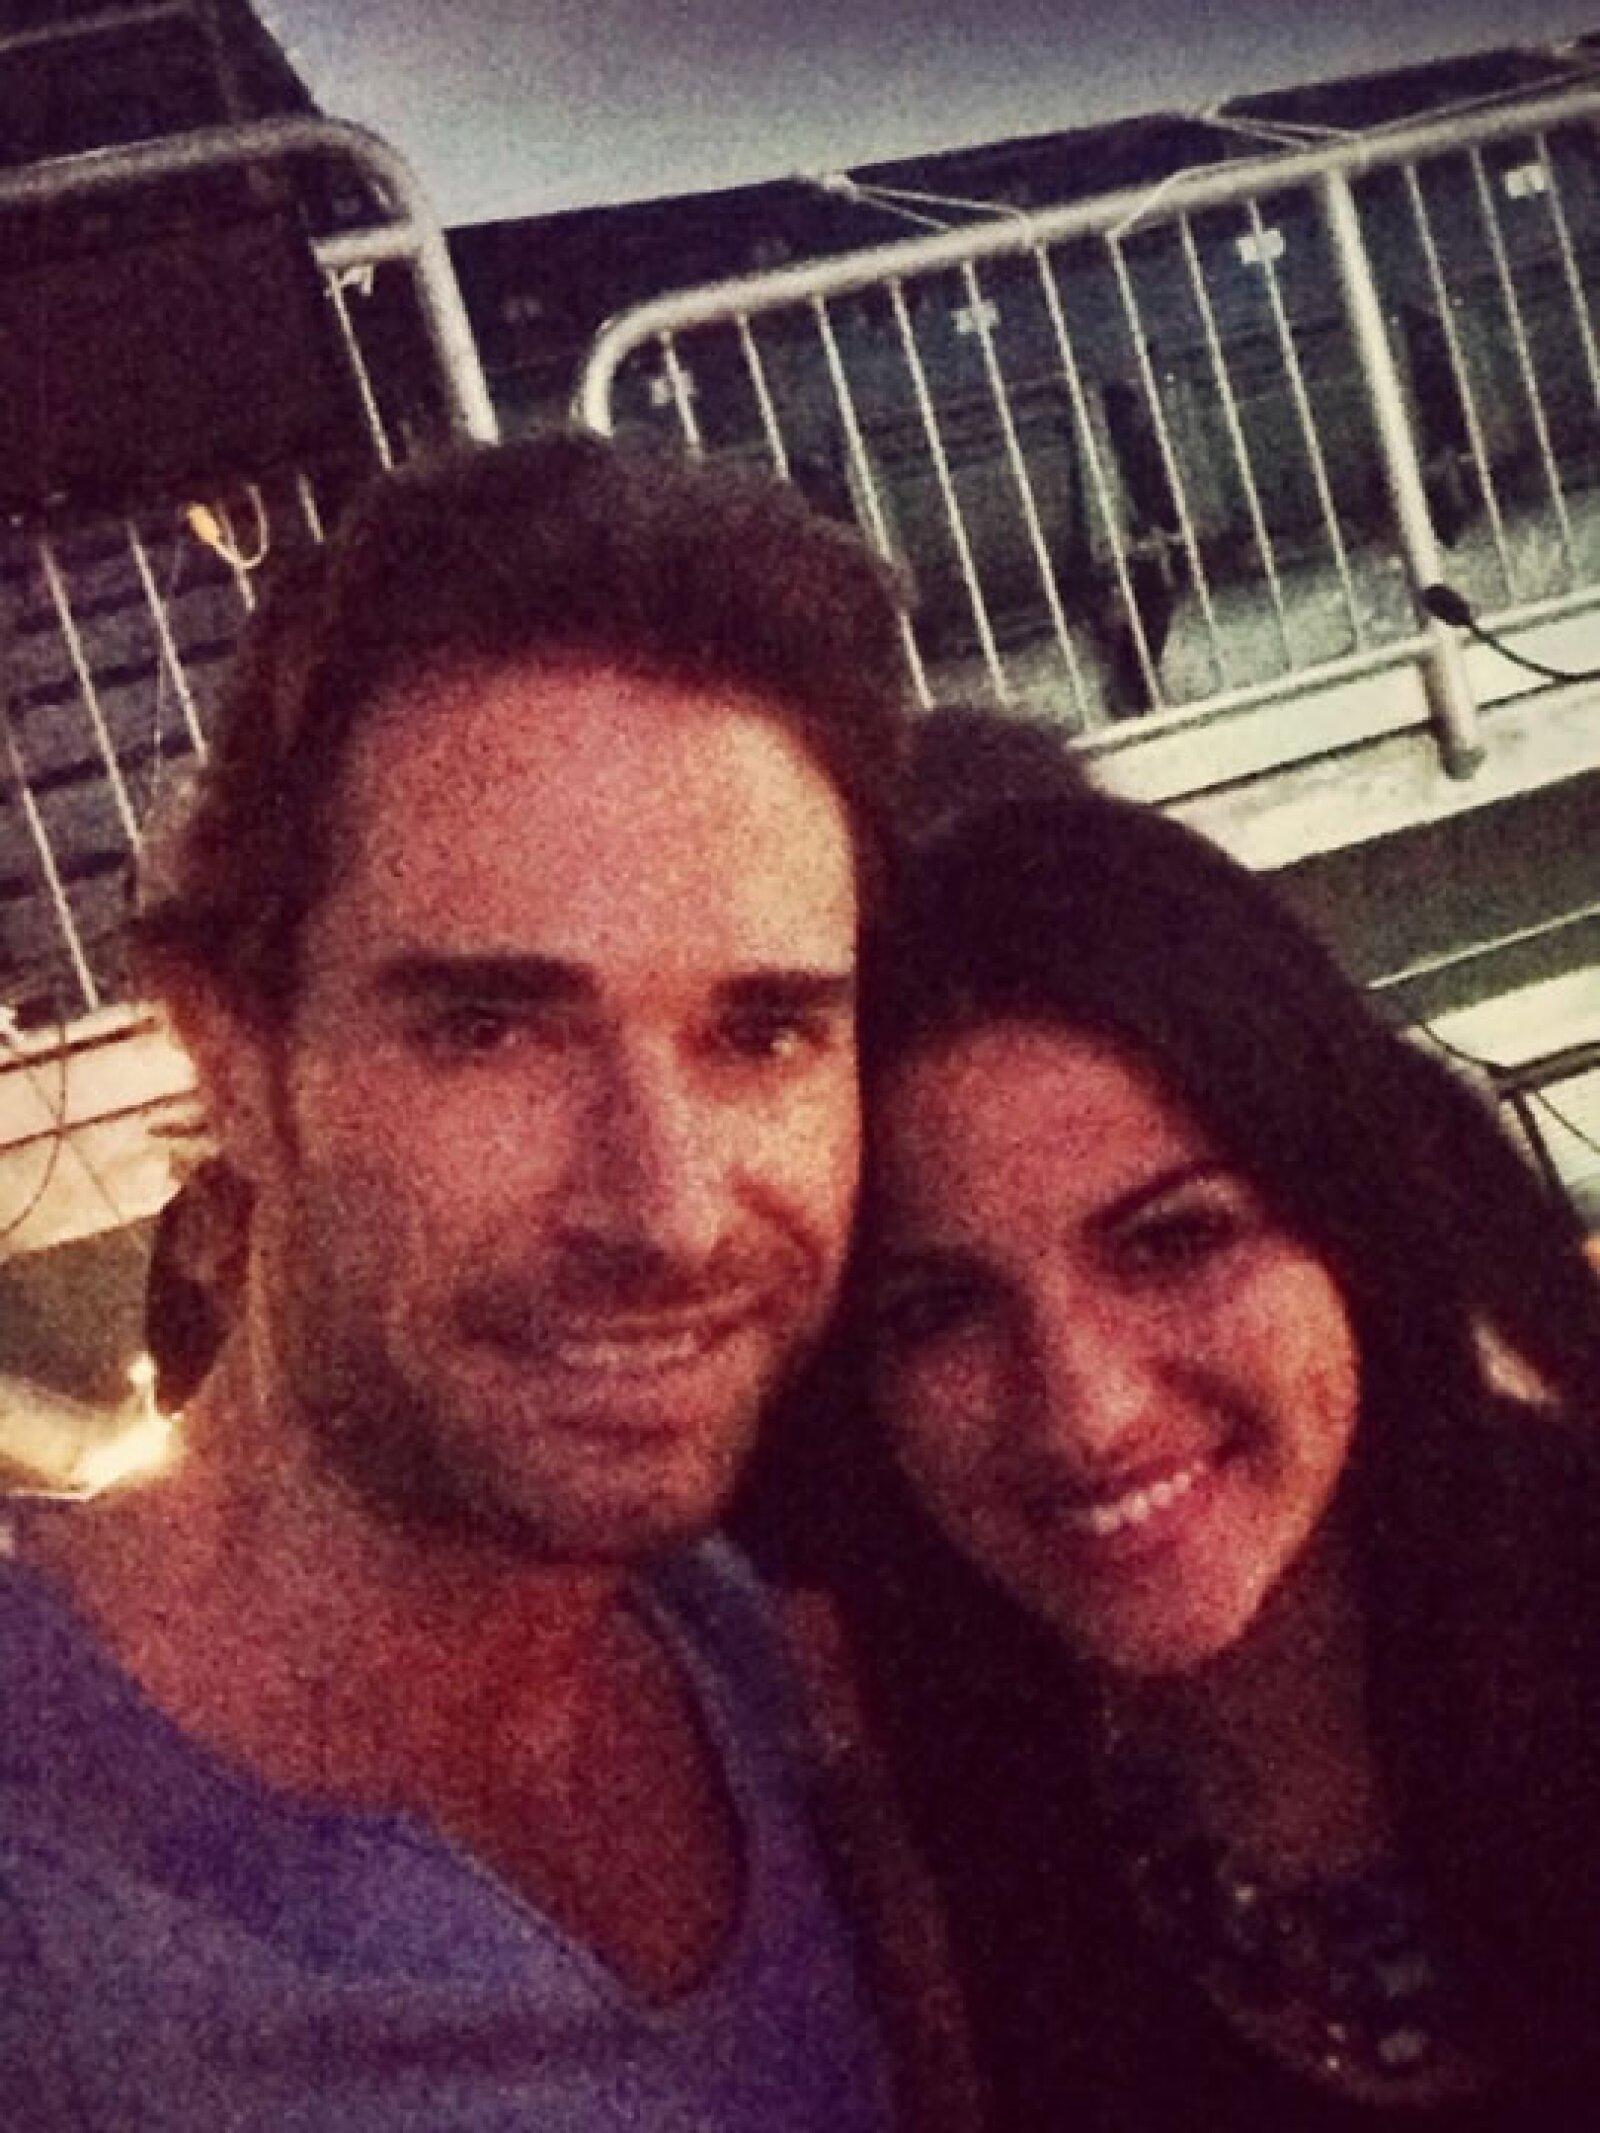 El novio de Aracely Arámbula también aprovechó para tomarse una foto con Maite Perroni.